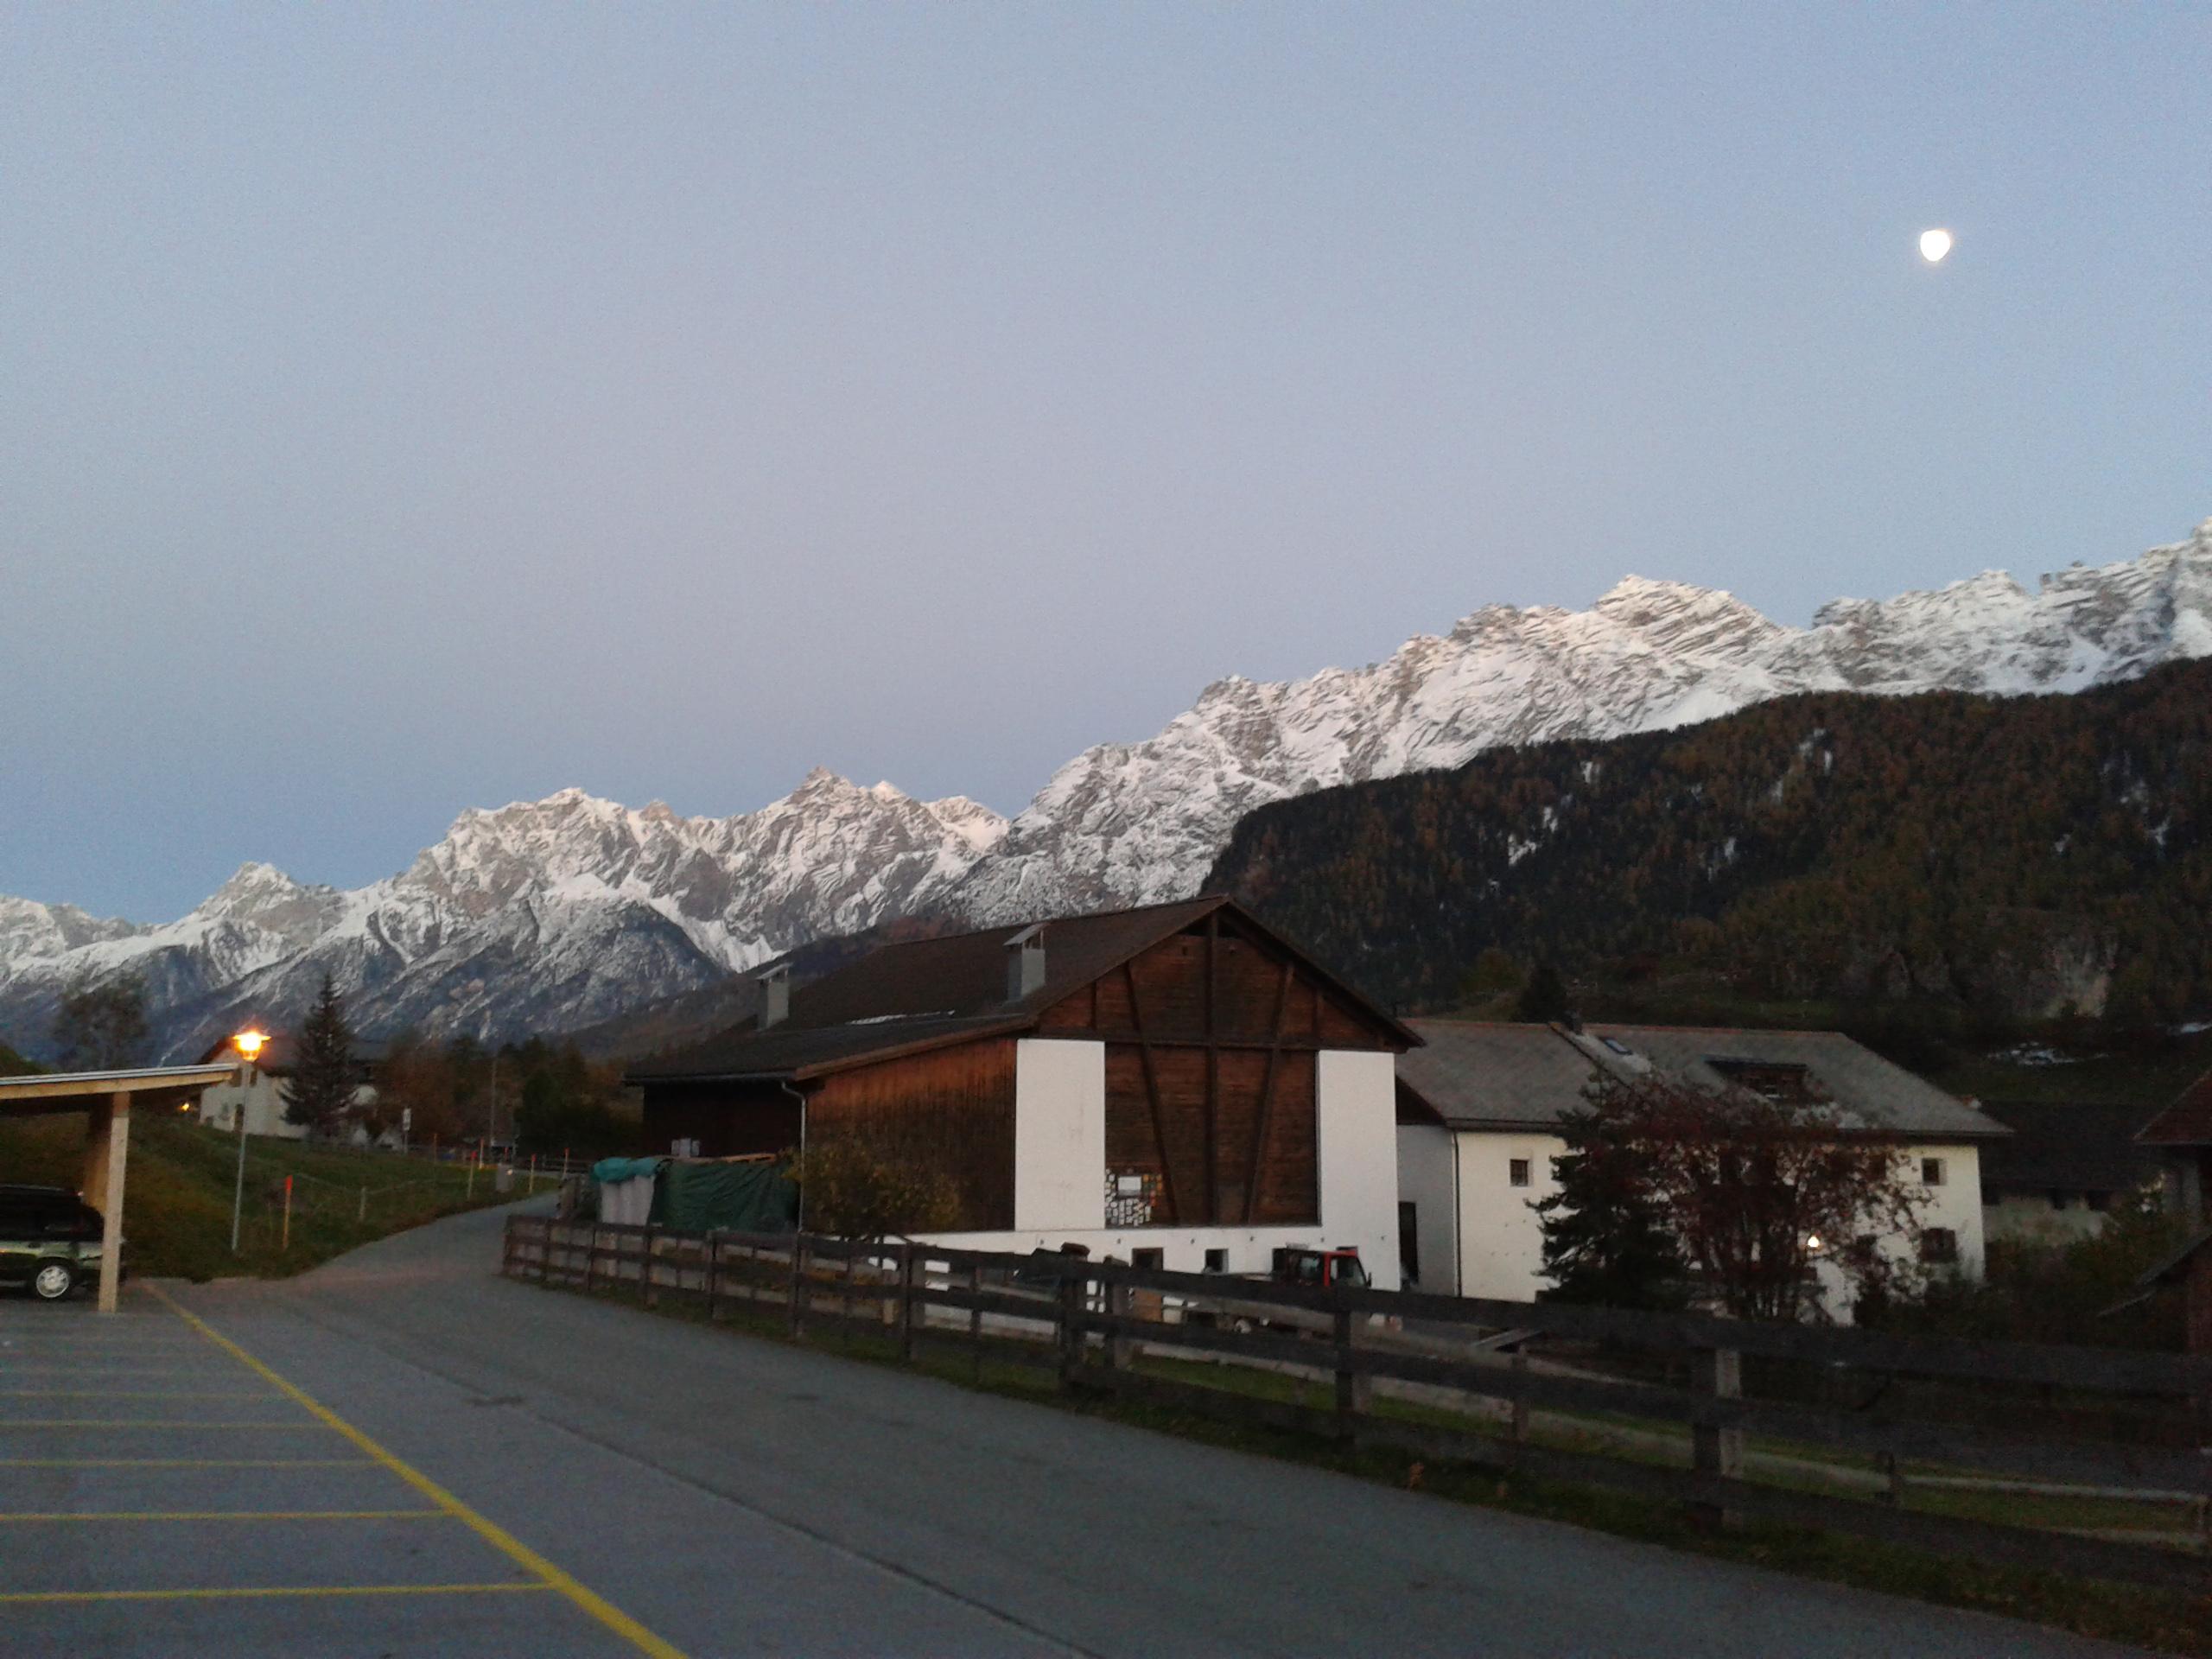 Ez is csak simán szép, ráadásul itt a Hold is feljött már. Élőben pompás, és sokkal horrorisztikusabb is volt. Éjjel meg amúgy a hegyek sötét óriásokként tornyosulnak köröskörül, a hófedte csúcsaik pedig sejtelmesen világítanak, brrr...  Svájc, hát na.